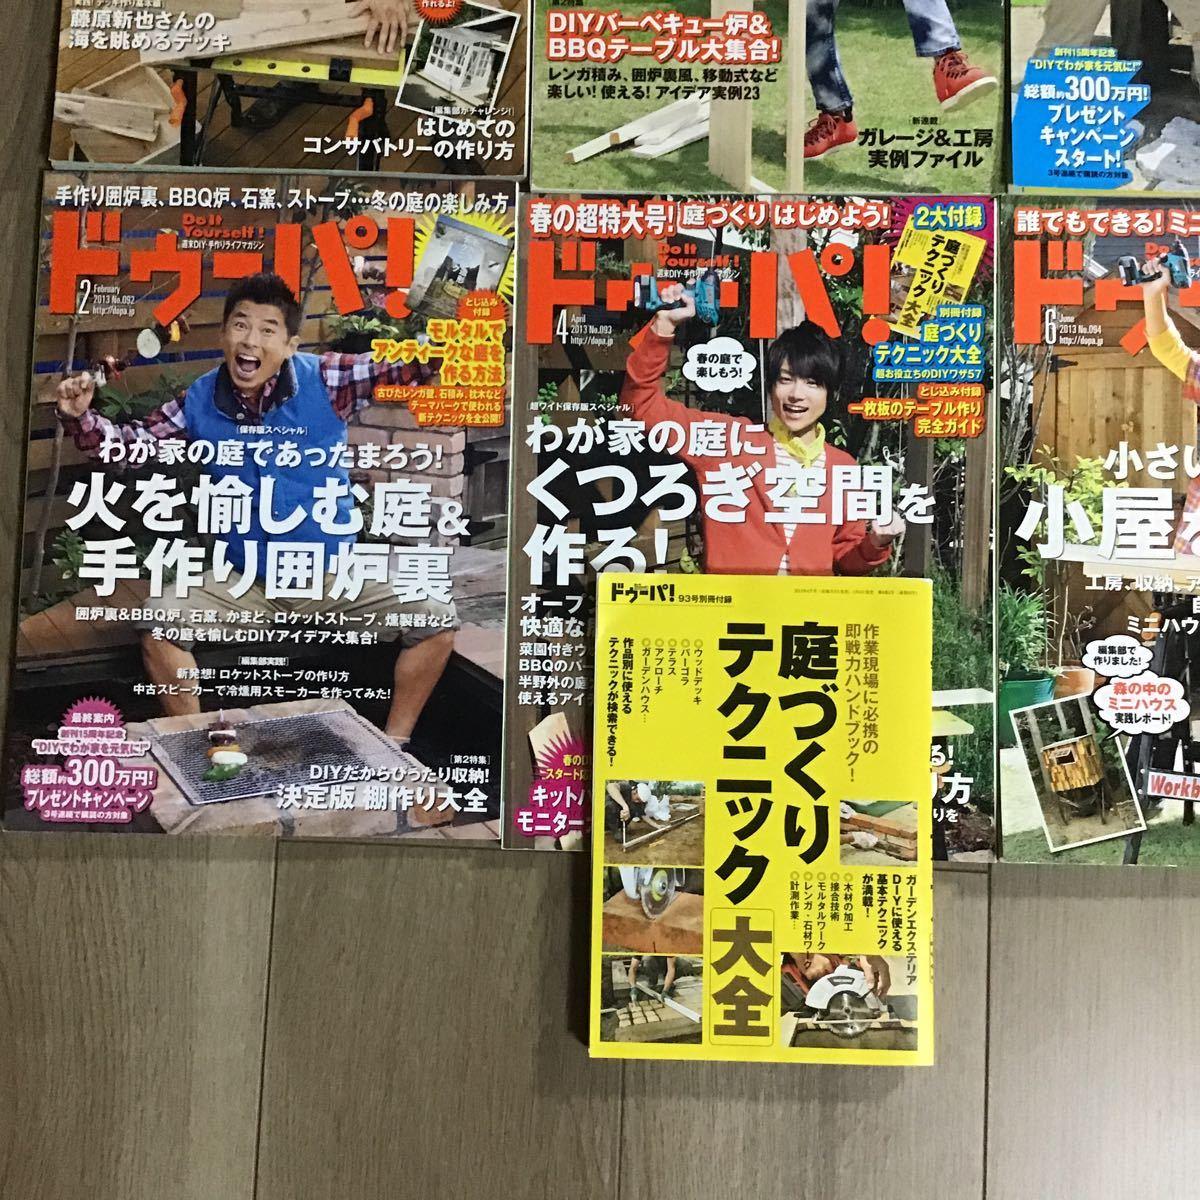 ドゥーパ! No88~95 (2012/6~2013/8) 8冊セット_画像4